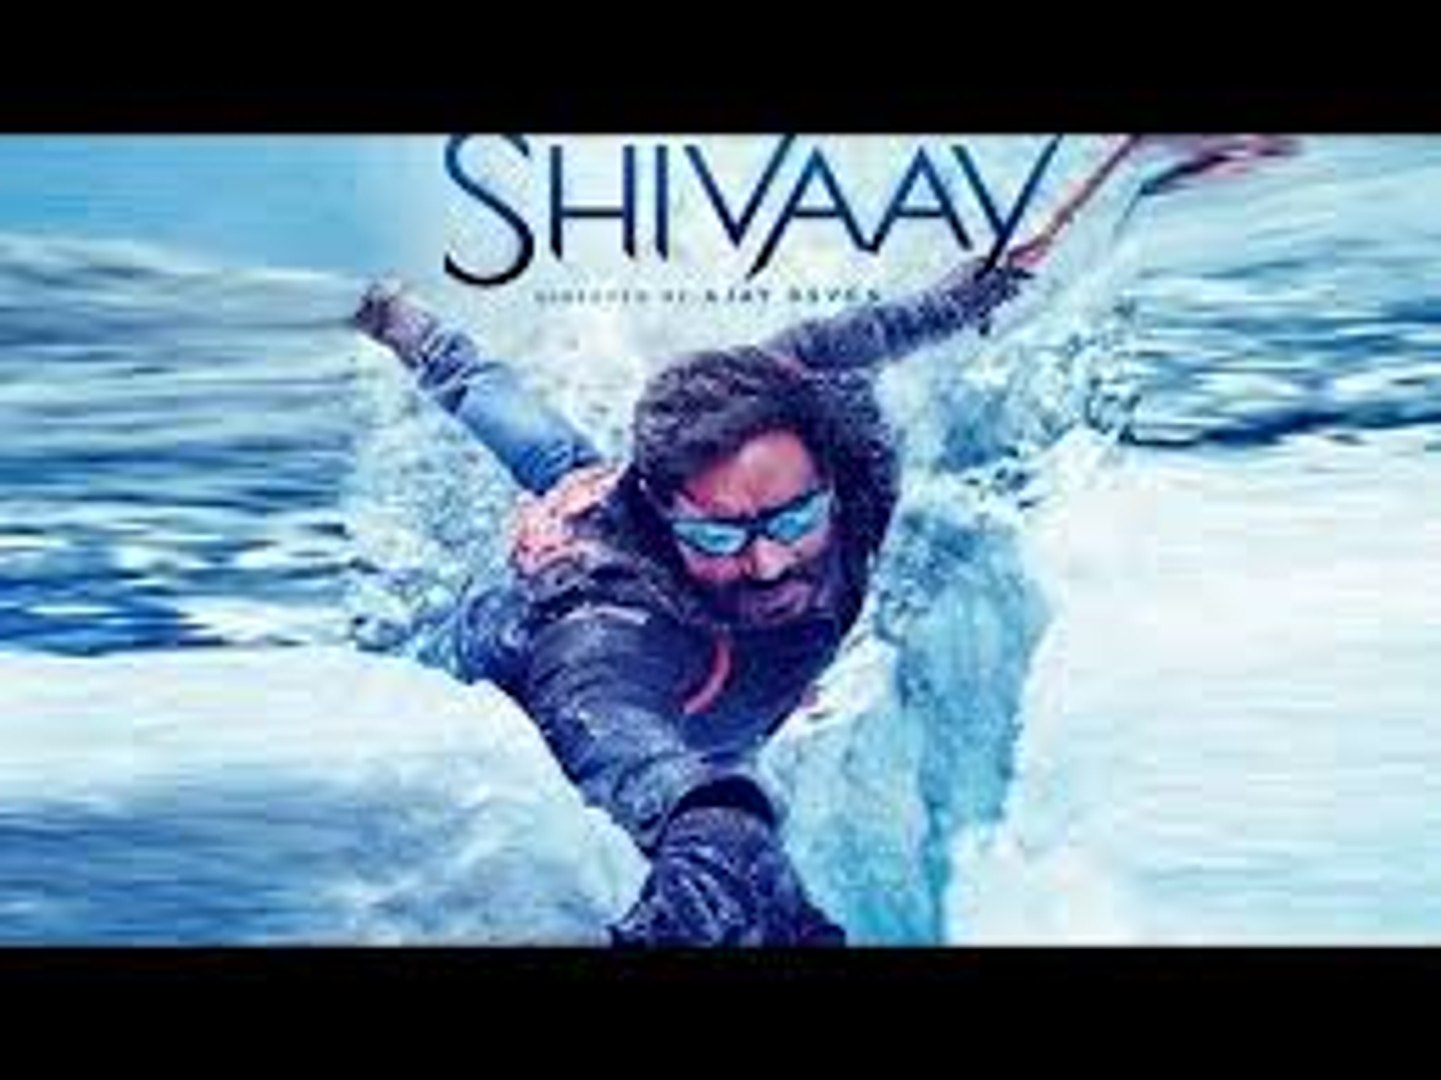 Shivaay Official Trailer Ajay Devgan .Shivaay 2016 Movie Trailer Latest Bollywood Movie 2016 - daily